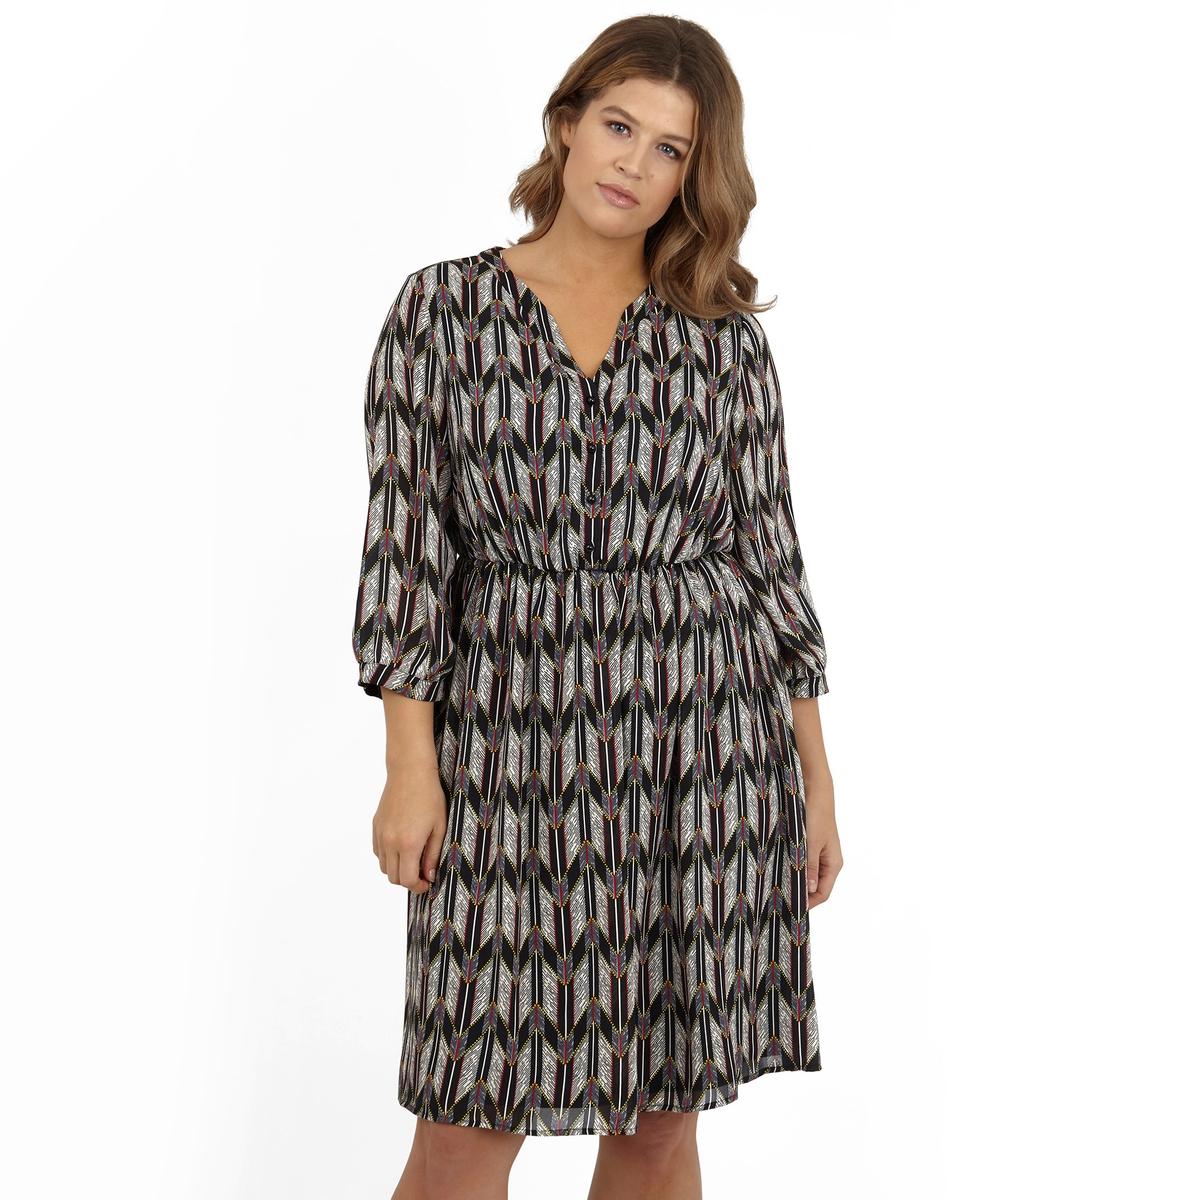 ПлатьеПлатье с длинными рукавами KOKO BY KOKO. Красивый глубокий V-образный вырез. 100% полиэстер.<br><br>Цвет: набивной рисунок<br>Размер: 54/56 (FR) - 60/62 (RUS)